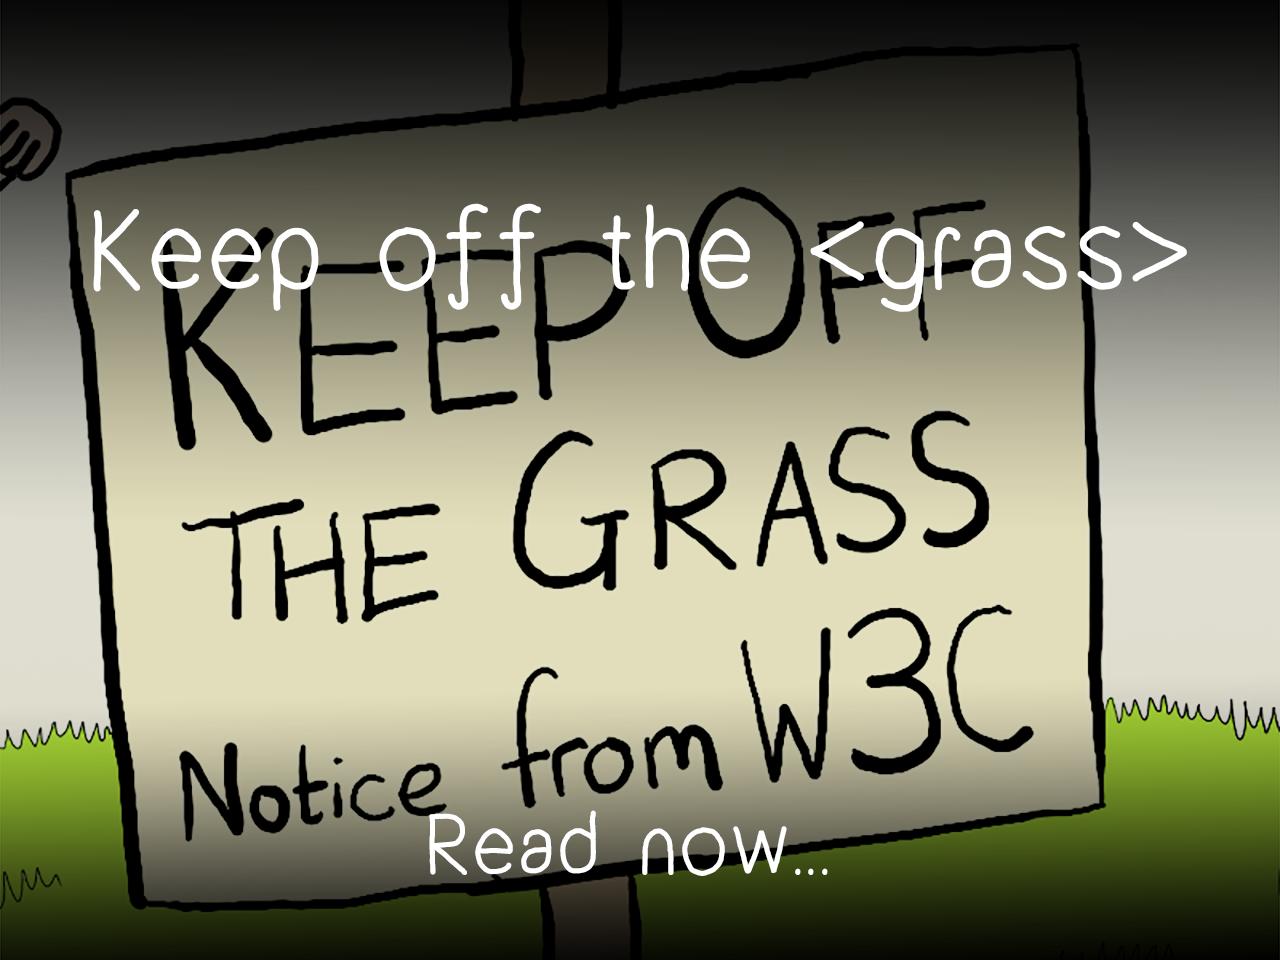 Keep off the <grass>